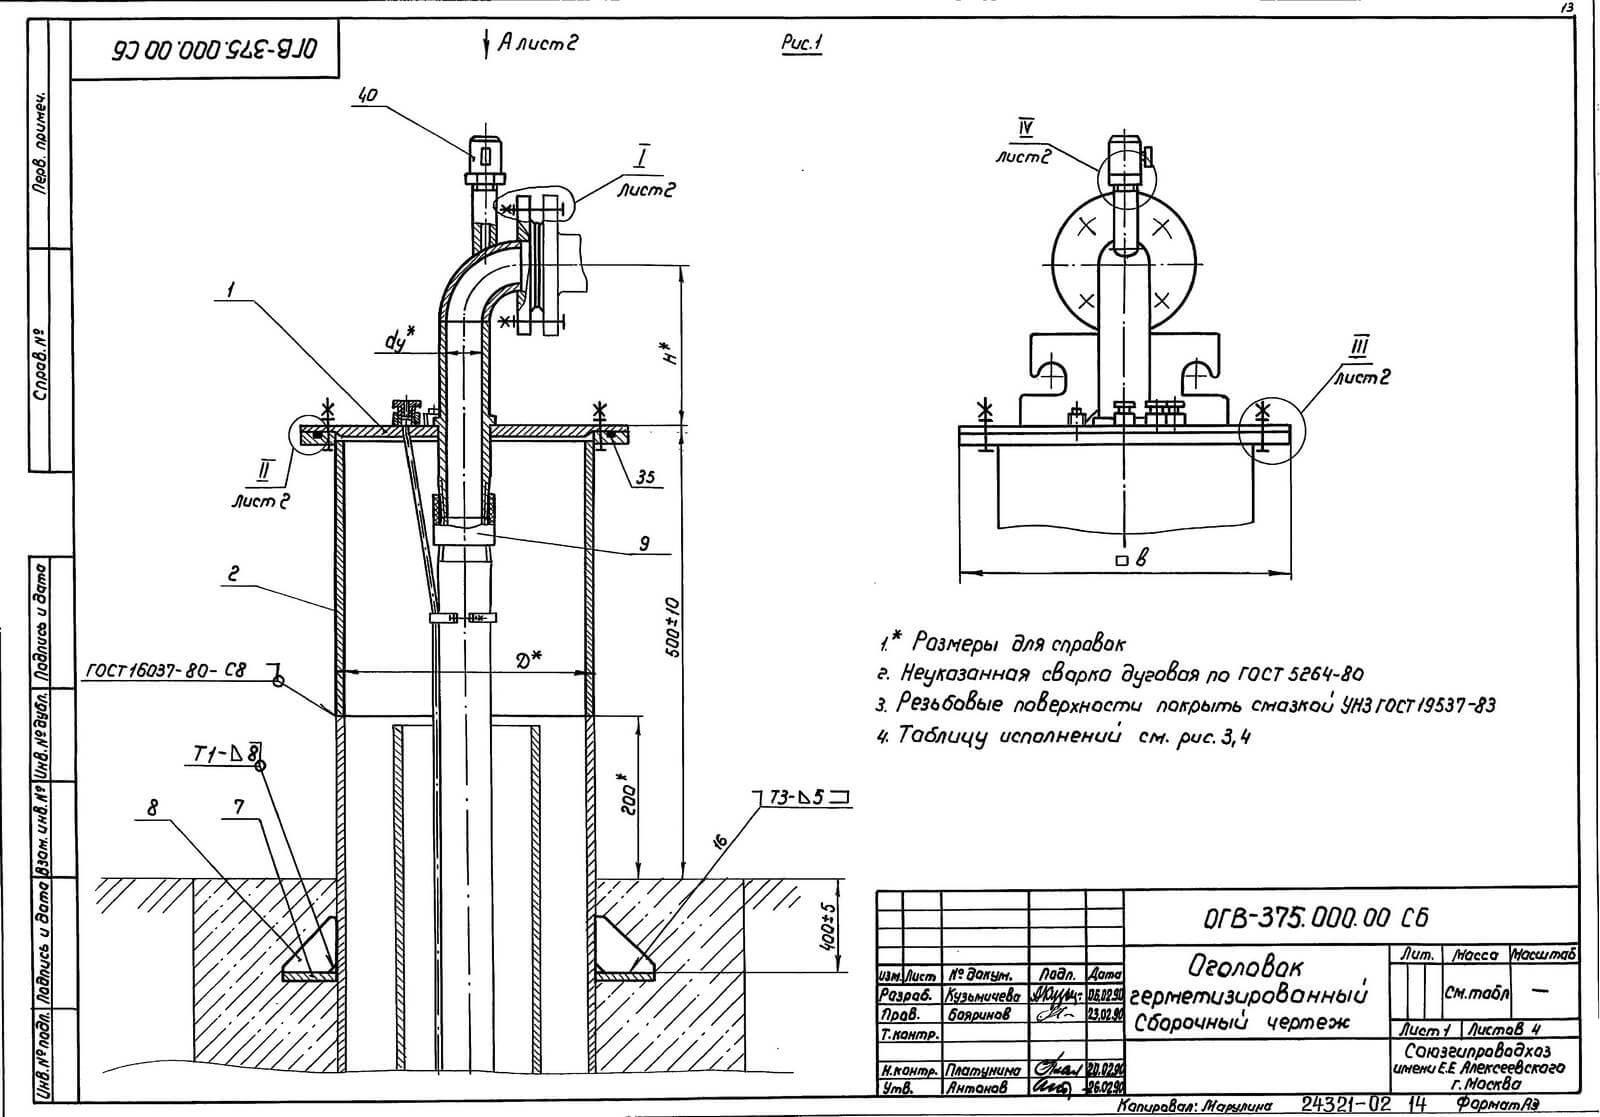 Как сделать оголовок для скважины своими руками - пошаговая инструкция по изготовлению